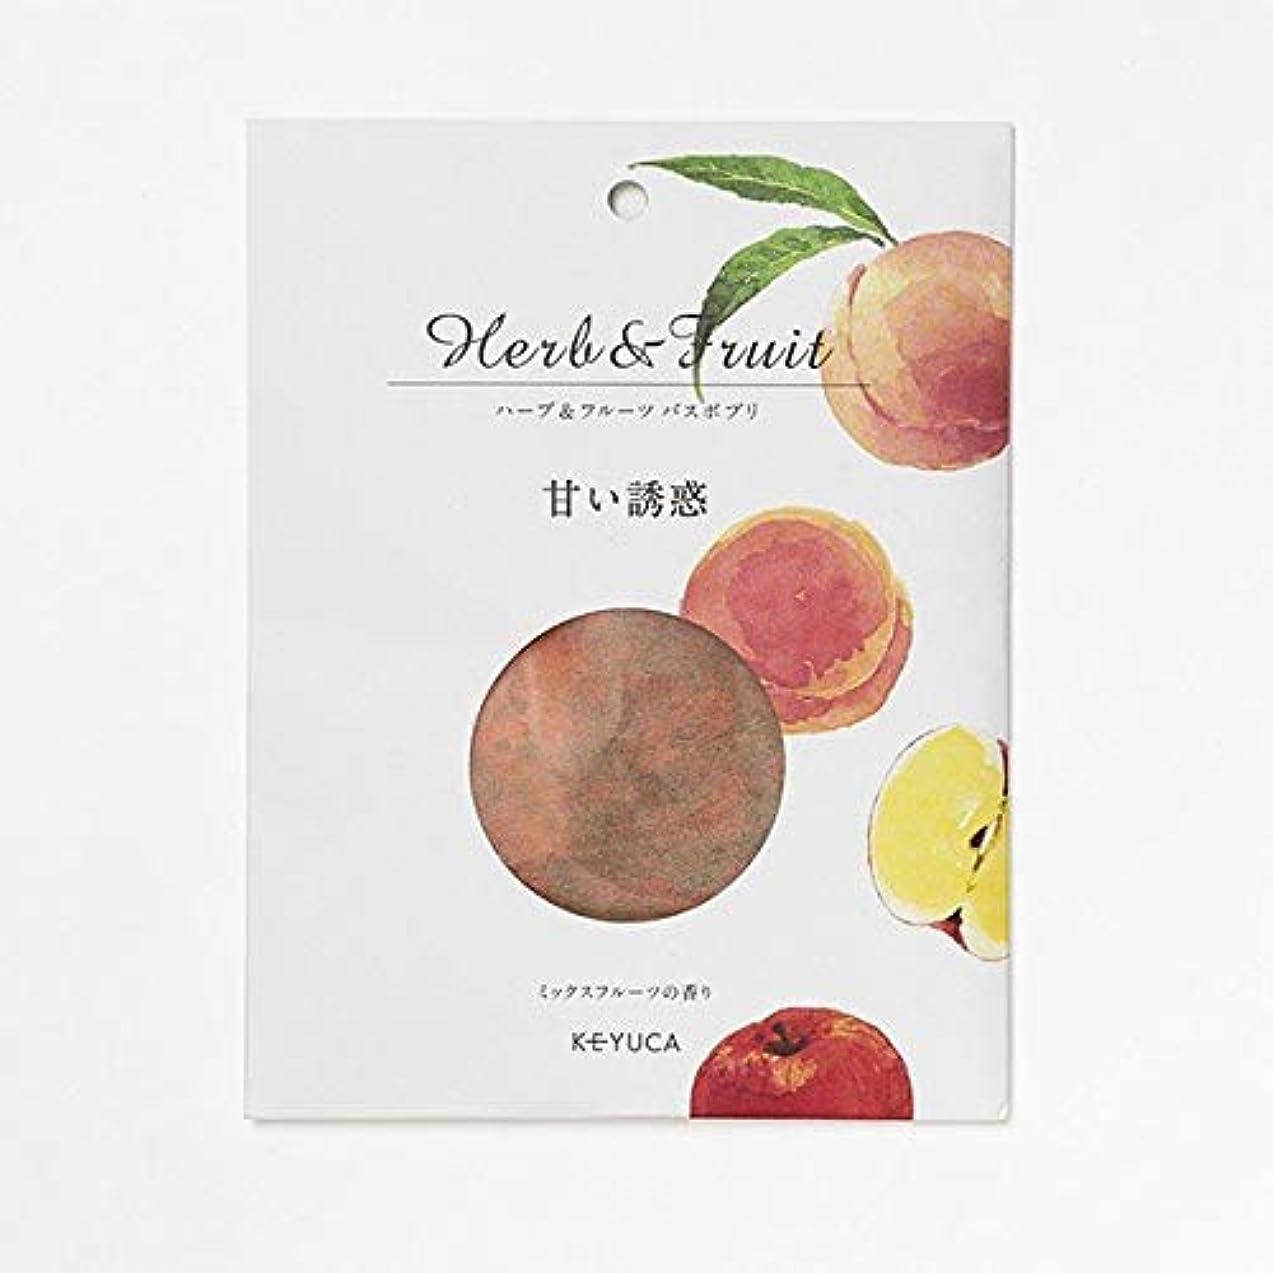 ルネッサンス失礼ミニKEYUCA(ケユカ) ハーブバスポプリ 甘い誘惑